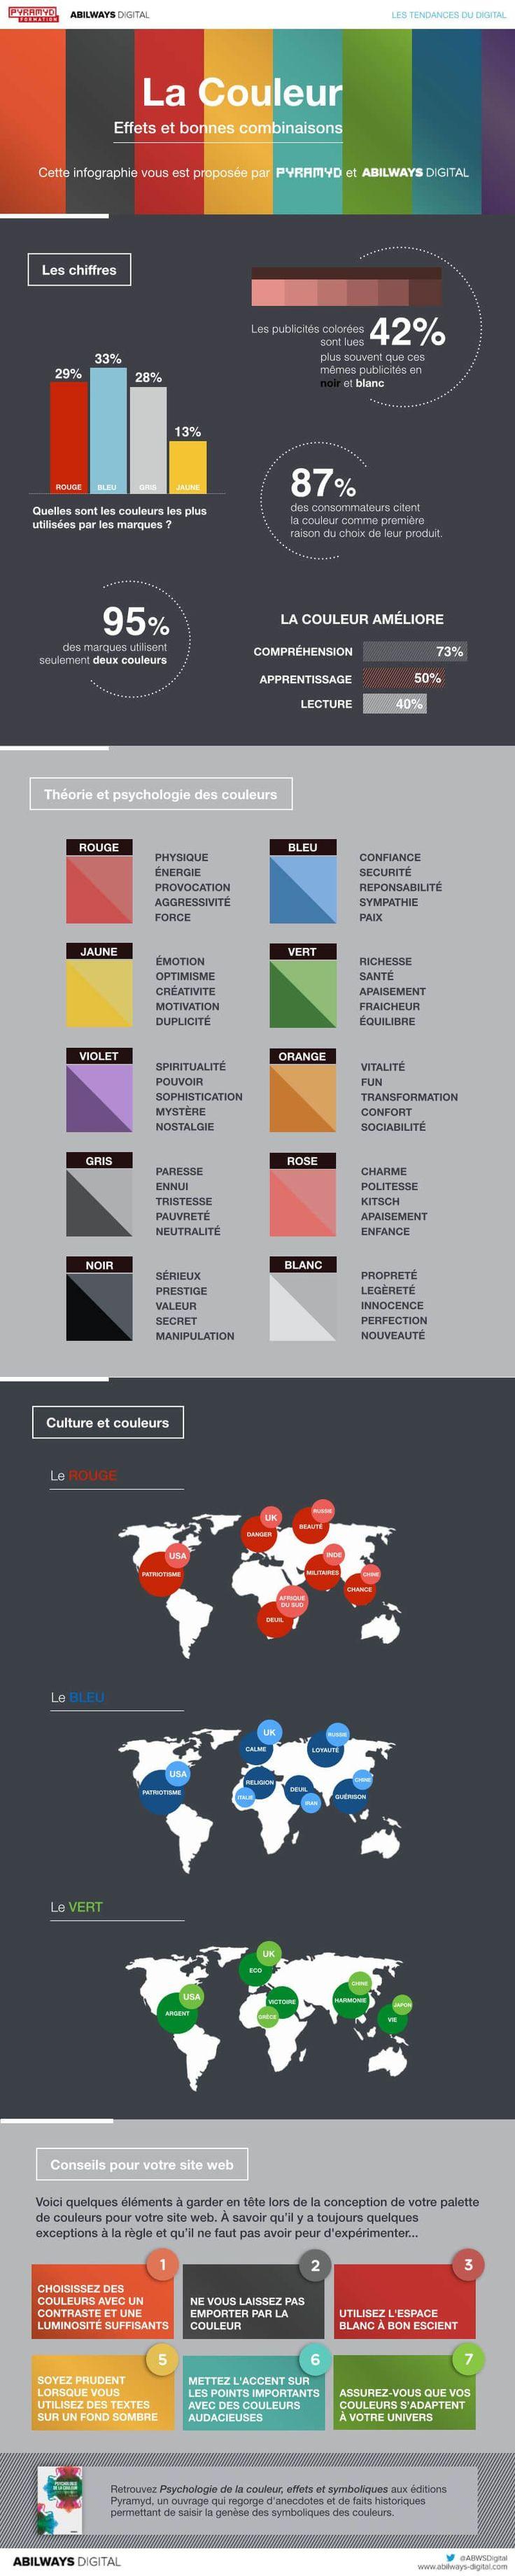 Effets de la couleurs sur votre cerveau